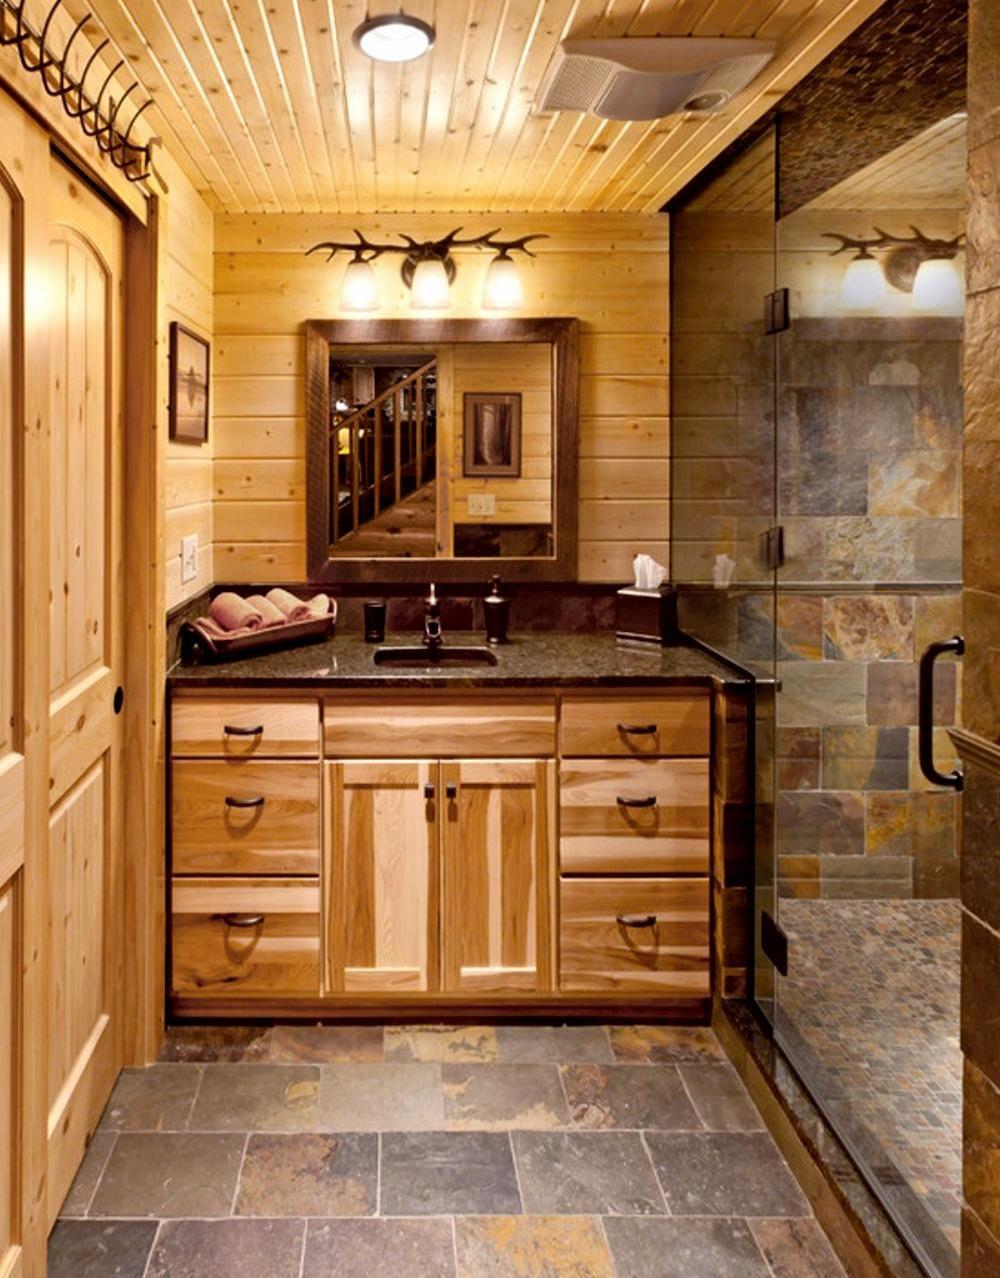 Badezimmer Fliesen Galerie: Beeindruckende Ideen für Ihr Bad